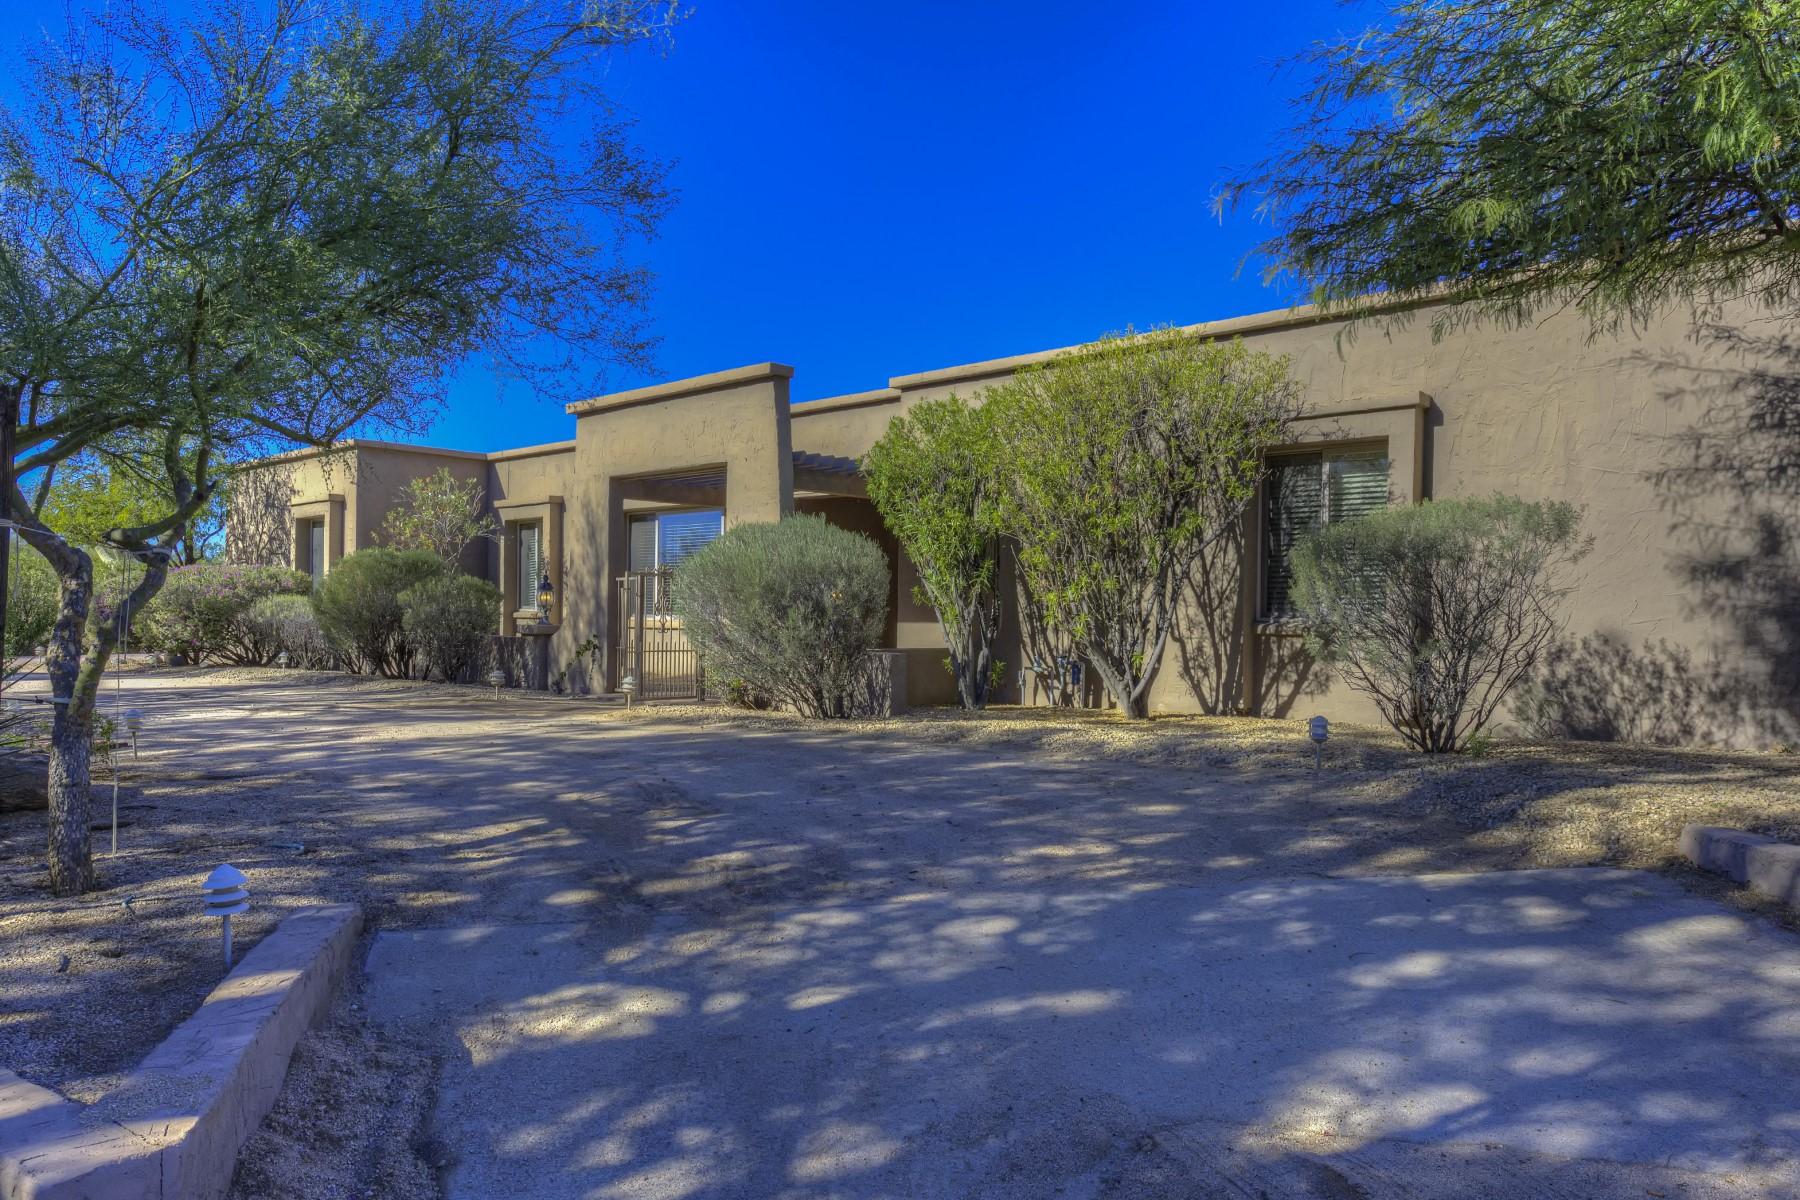 独户住宅 为 销售 在 Charming home in the gated subdivision of Pinnacle Peak Estates 2 8028 E Via De Luna Dr 斯科茨代尔, 亚利桑那州, 85261 美国